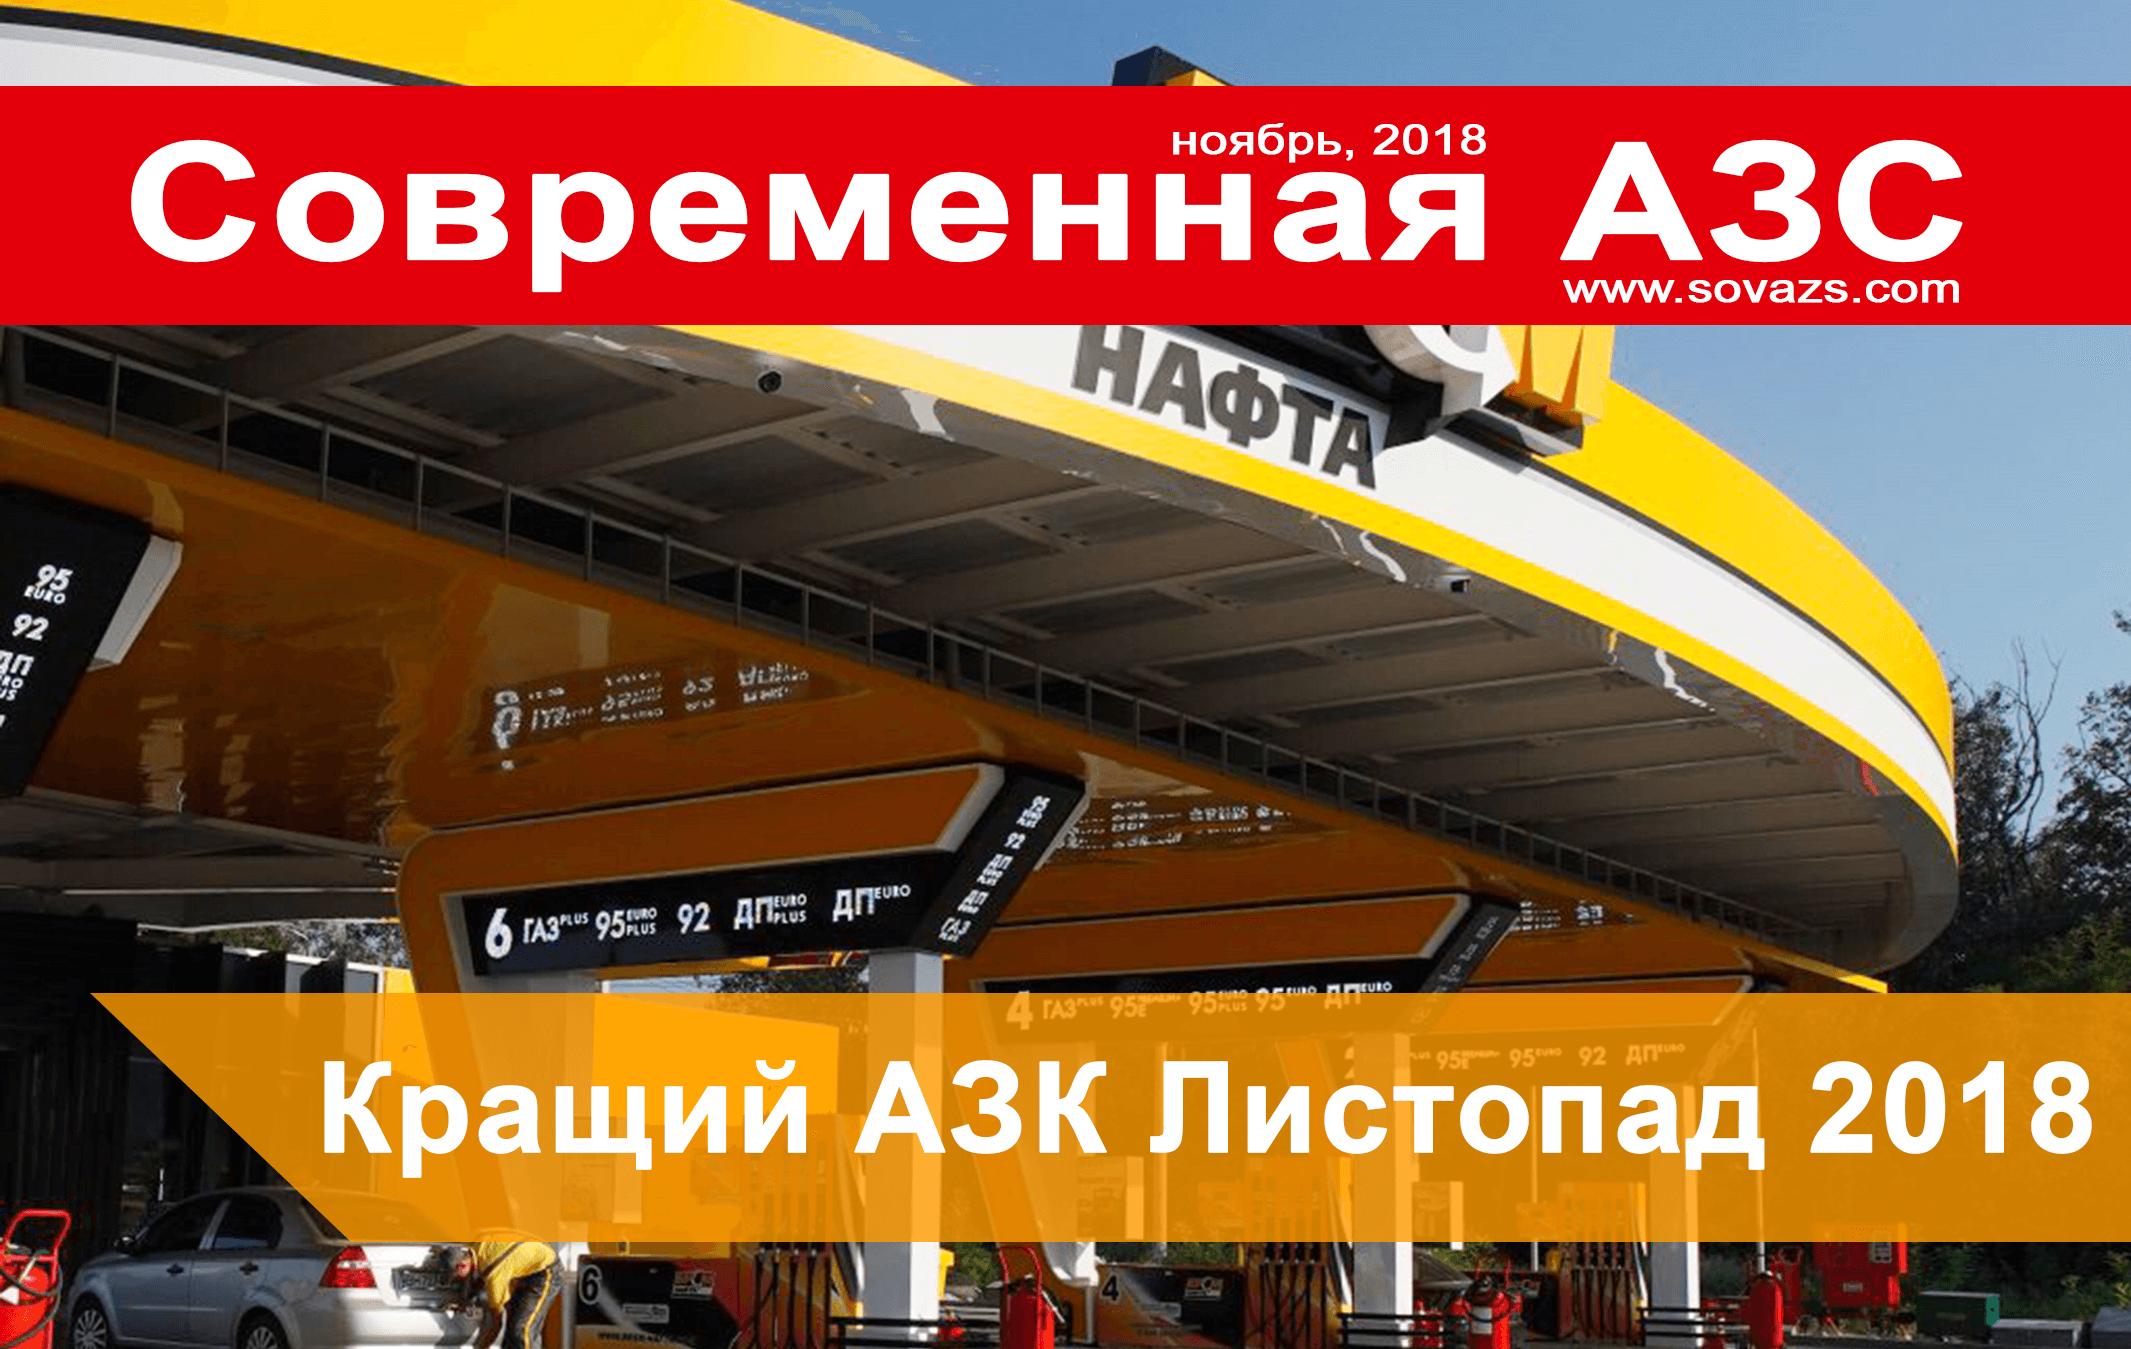 АЗК БРСМ-Нафта переміг у конкурсі «Краща АЗС»